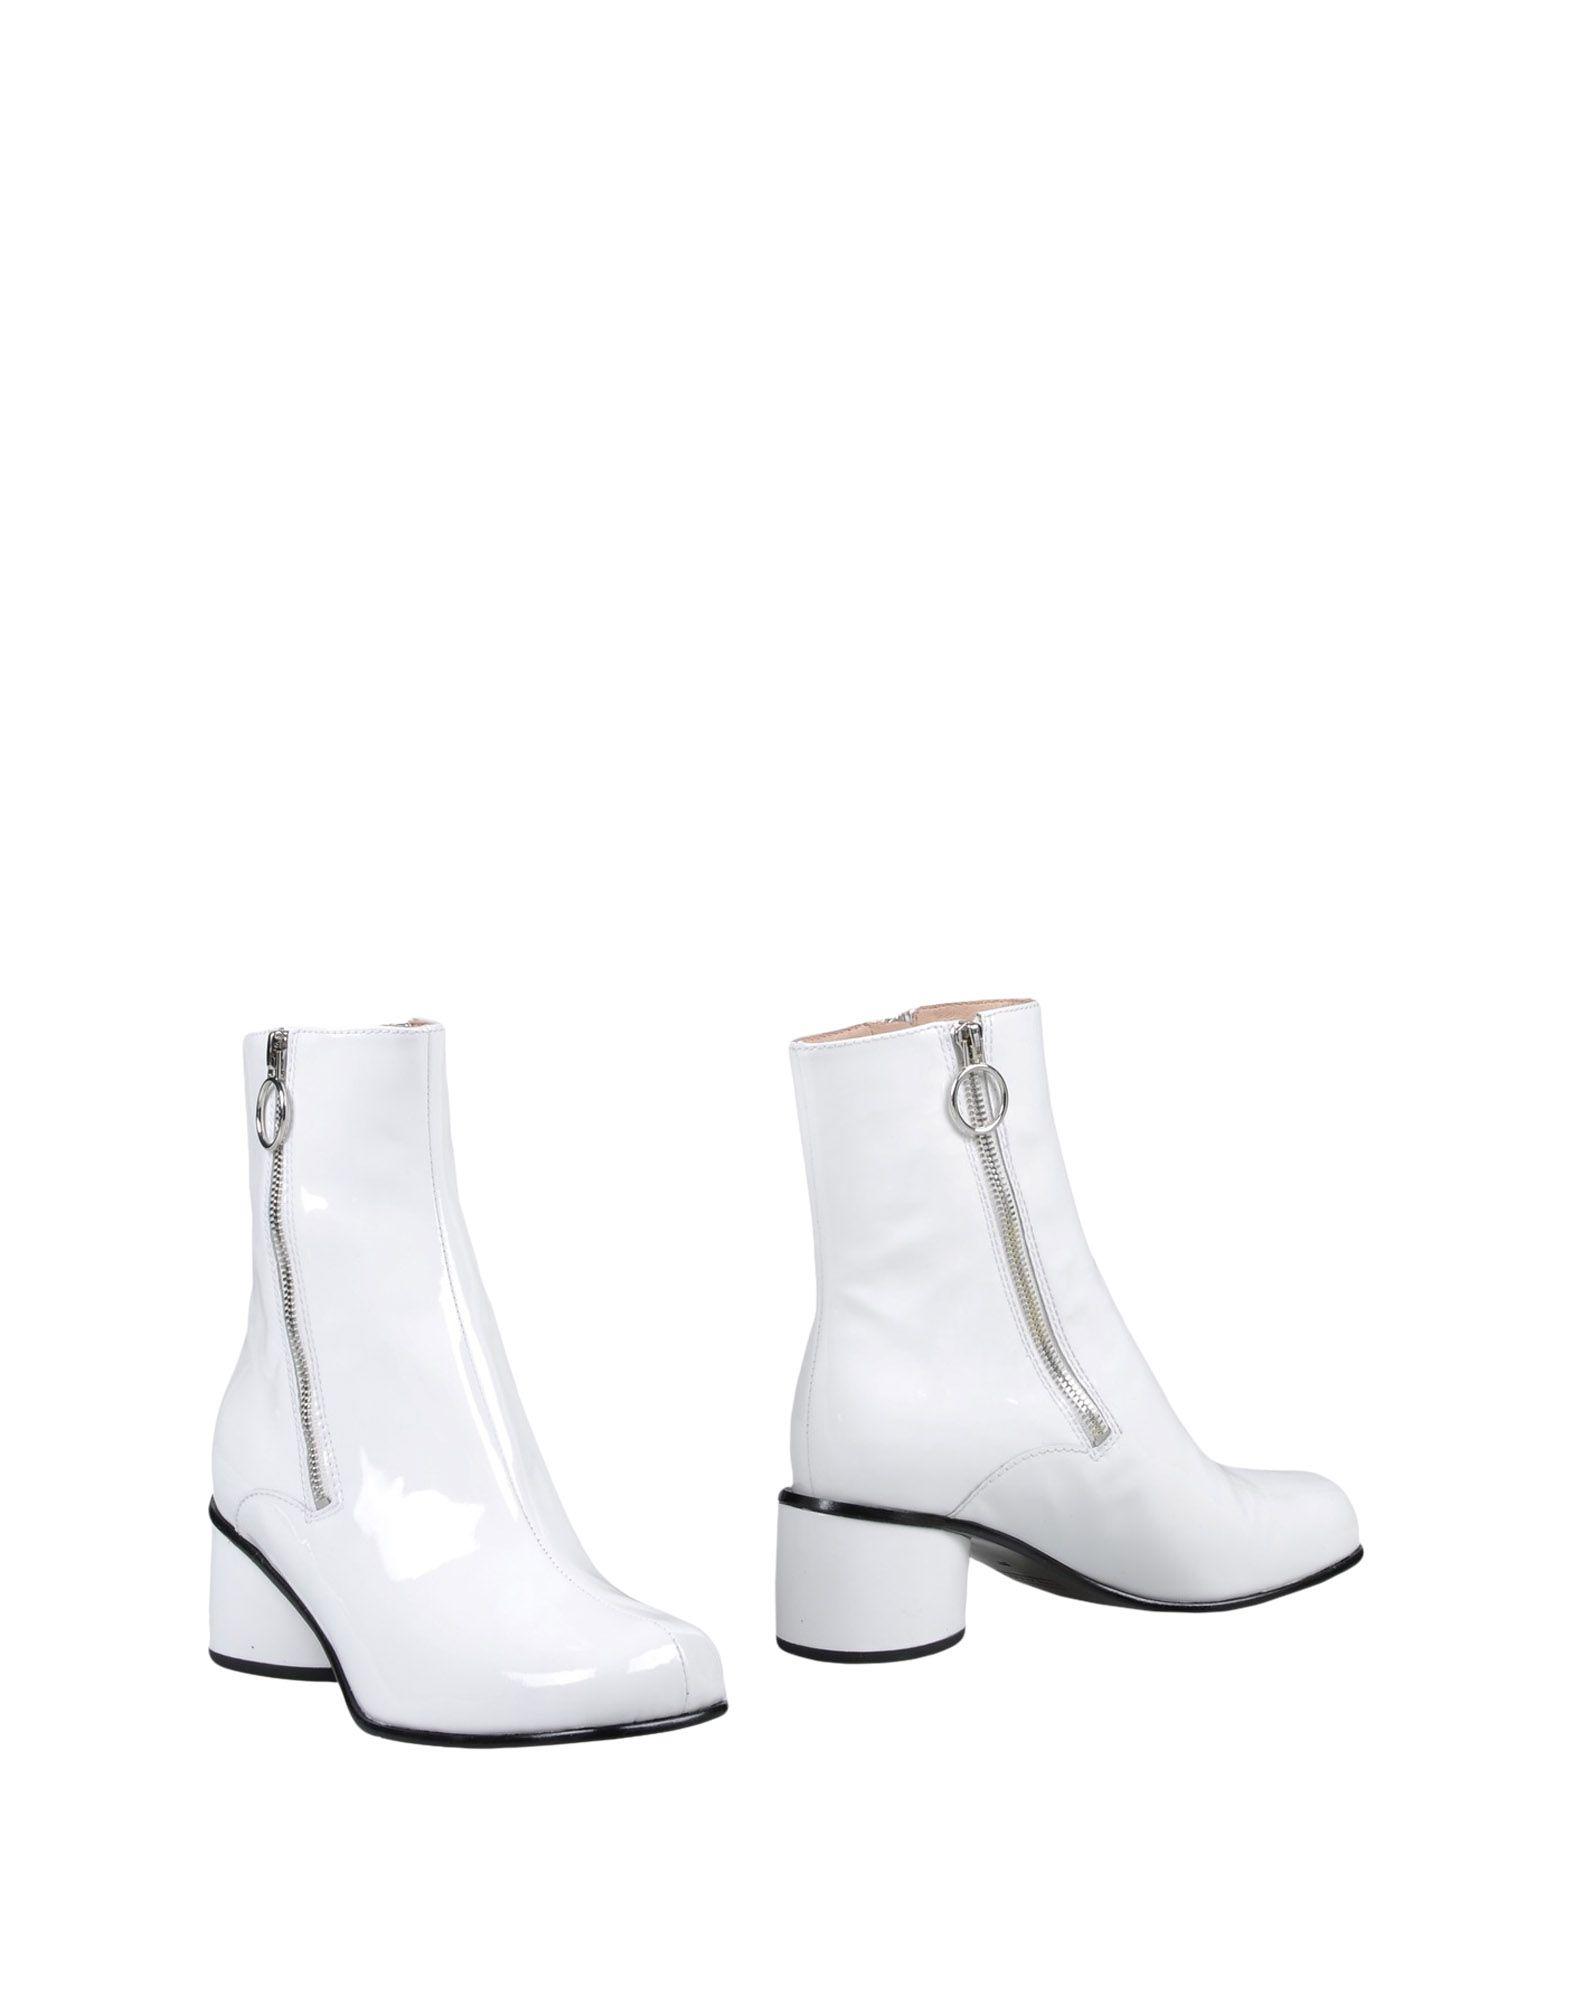 Marc Jacobs Stiefelette Damen  11449050KVGut aussehende strapazierfähige Schuhe